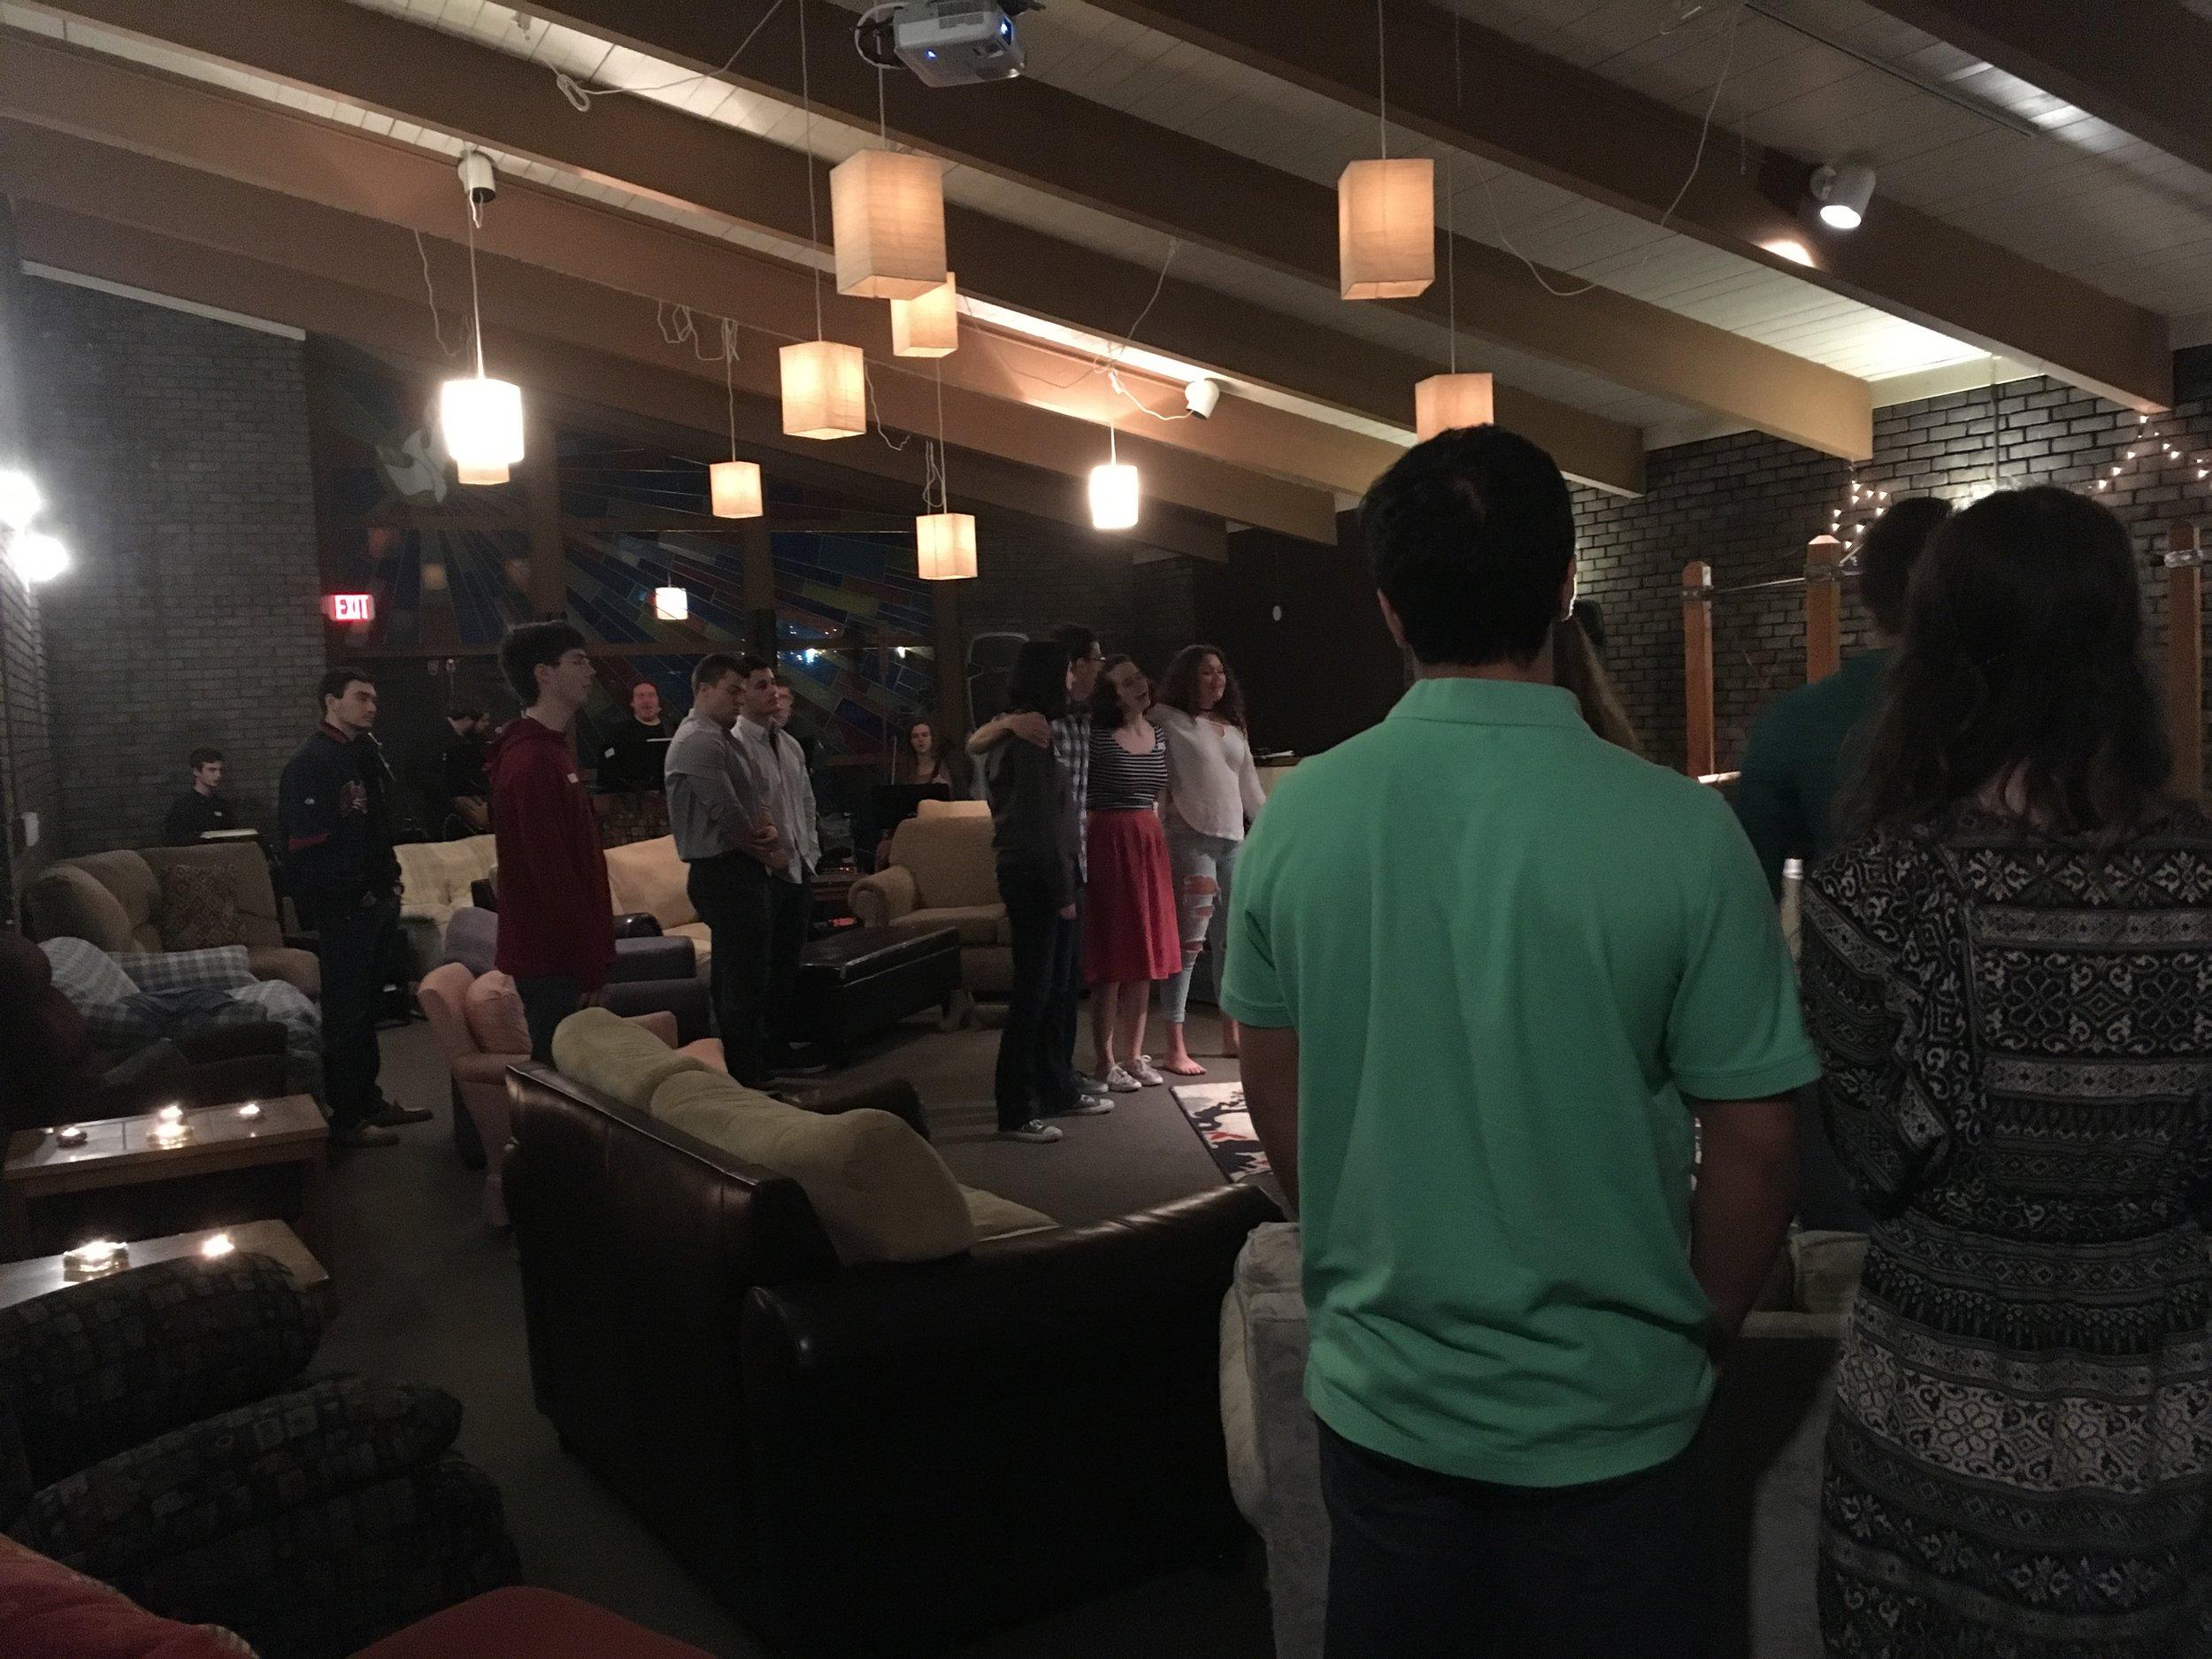 Dinner & Worship